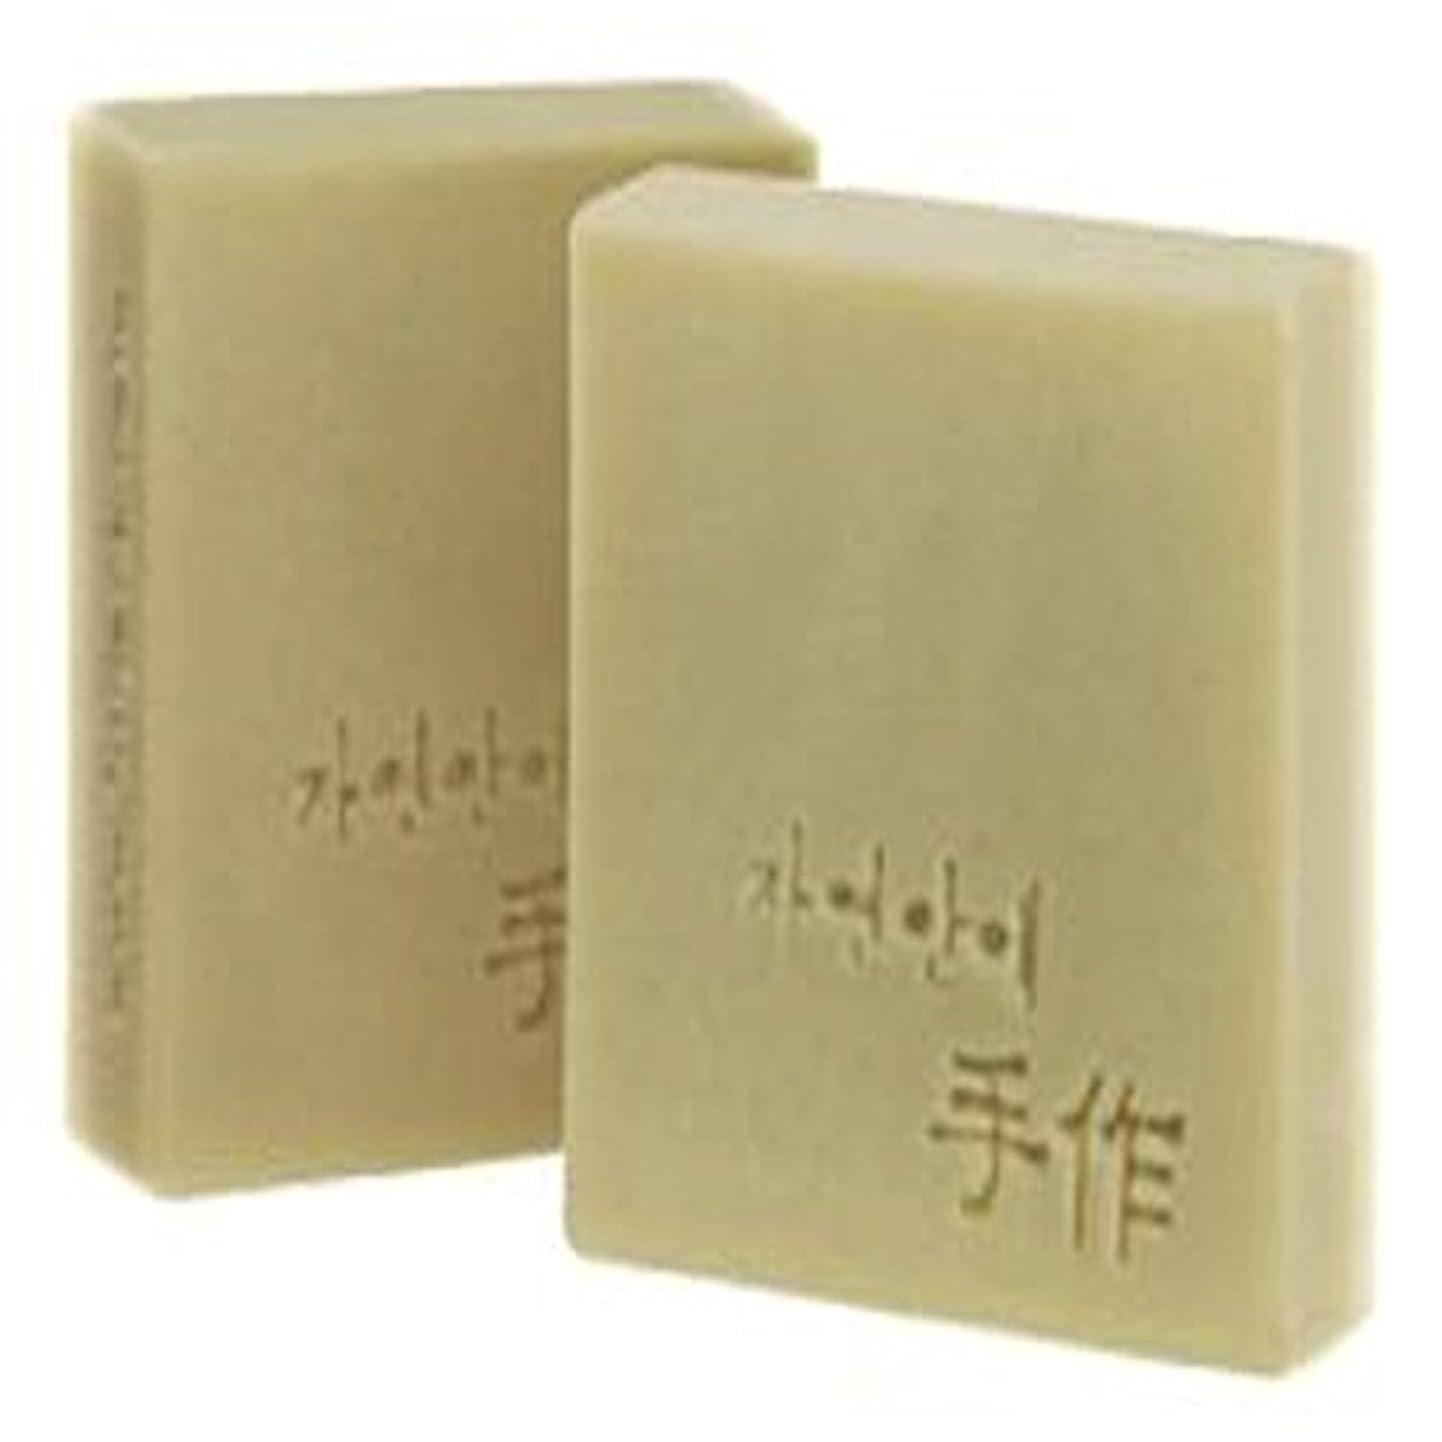 Natural organic 有機天然ソープ 固形 無添加 洗顔せっけん [並行輸入品] (晋州)